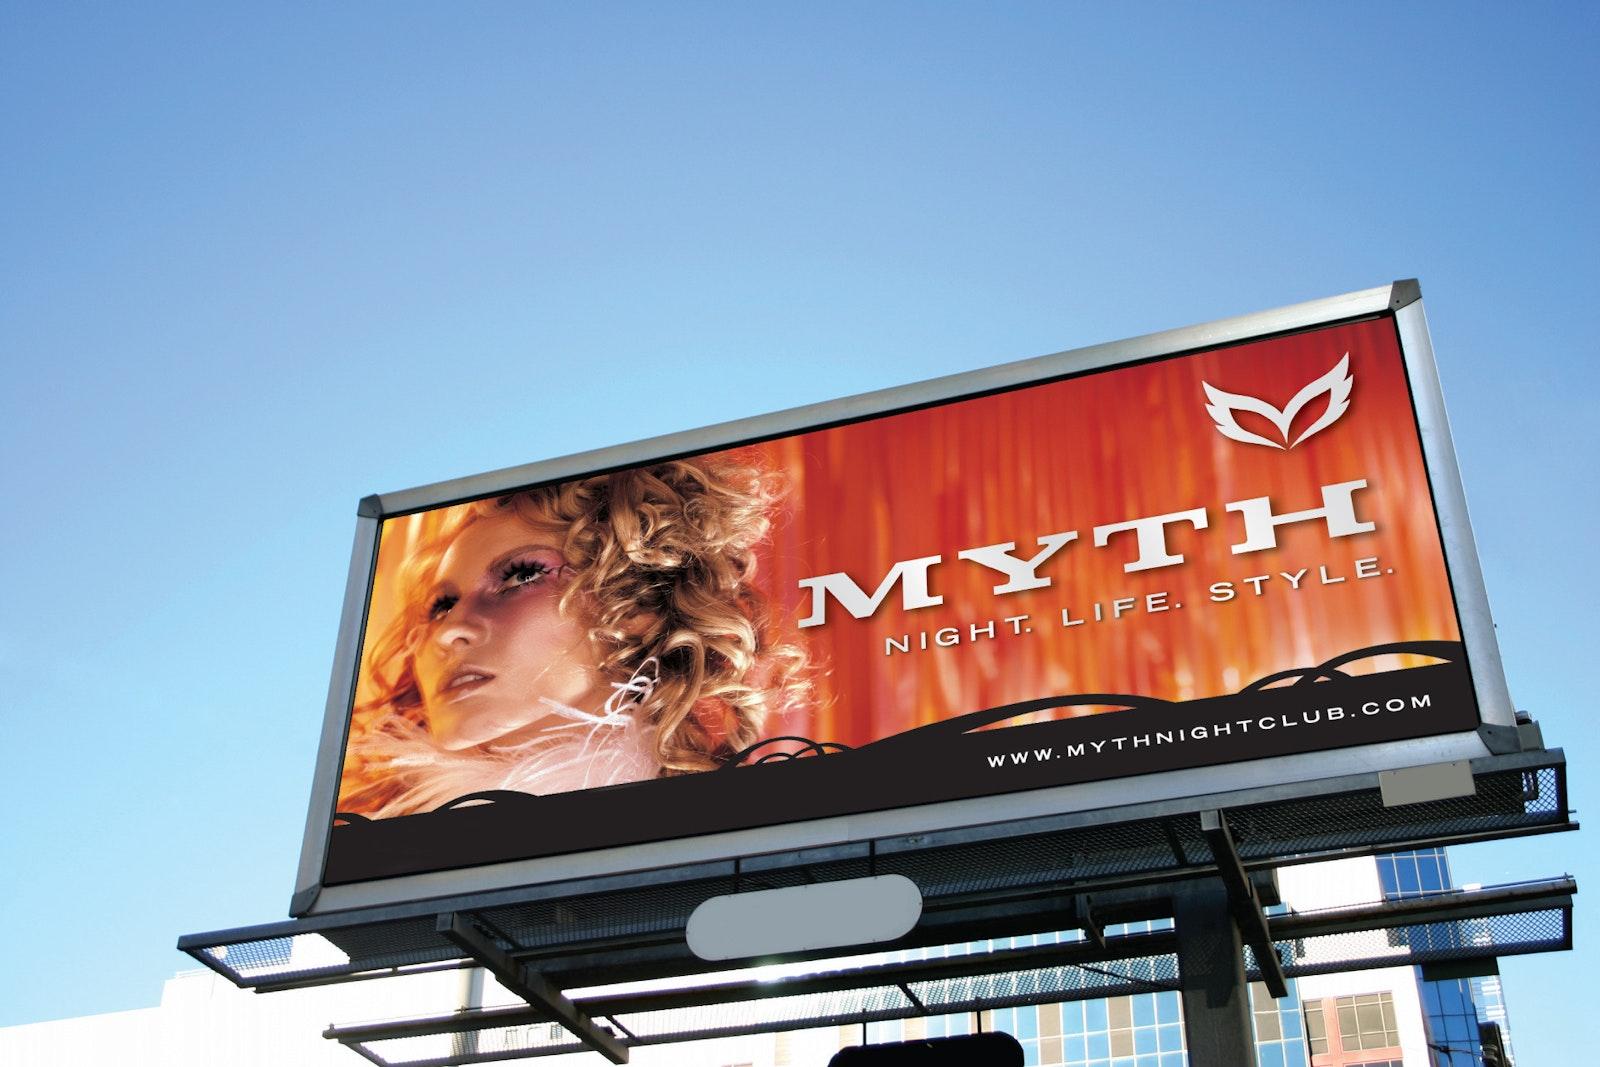 Myth Bilboard